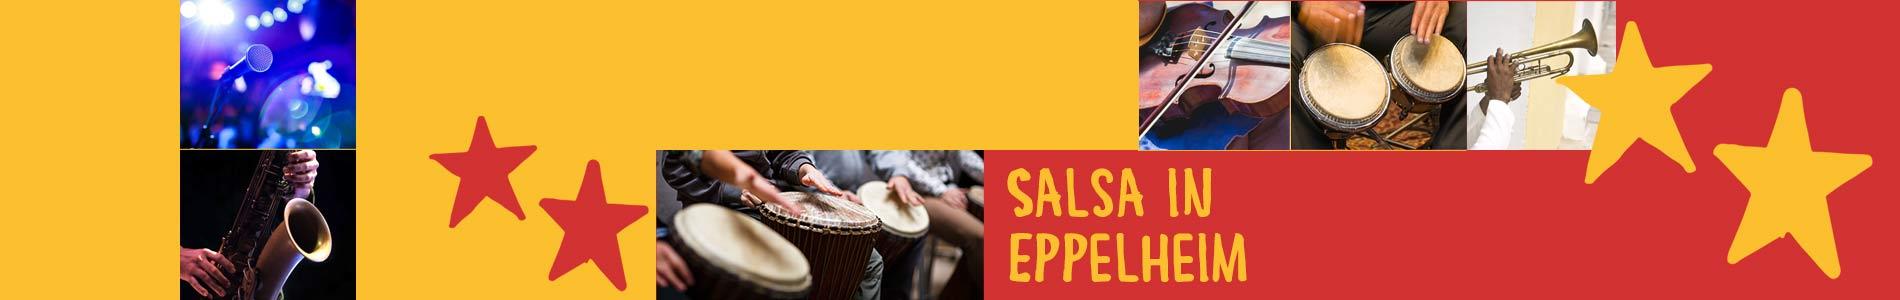 Salsa in Eppelheim – Salsa lernen und tanzen, Tanzkurse, Partys, Veranstaltungen